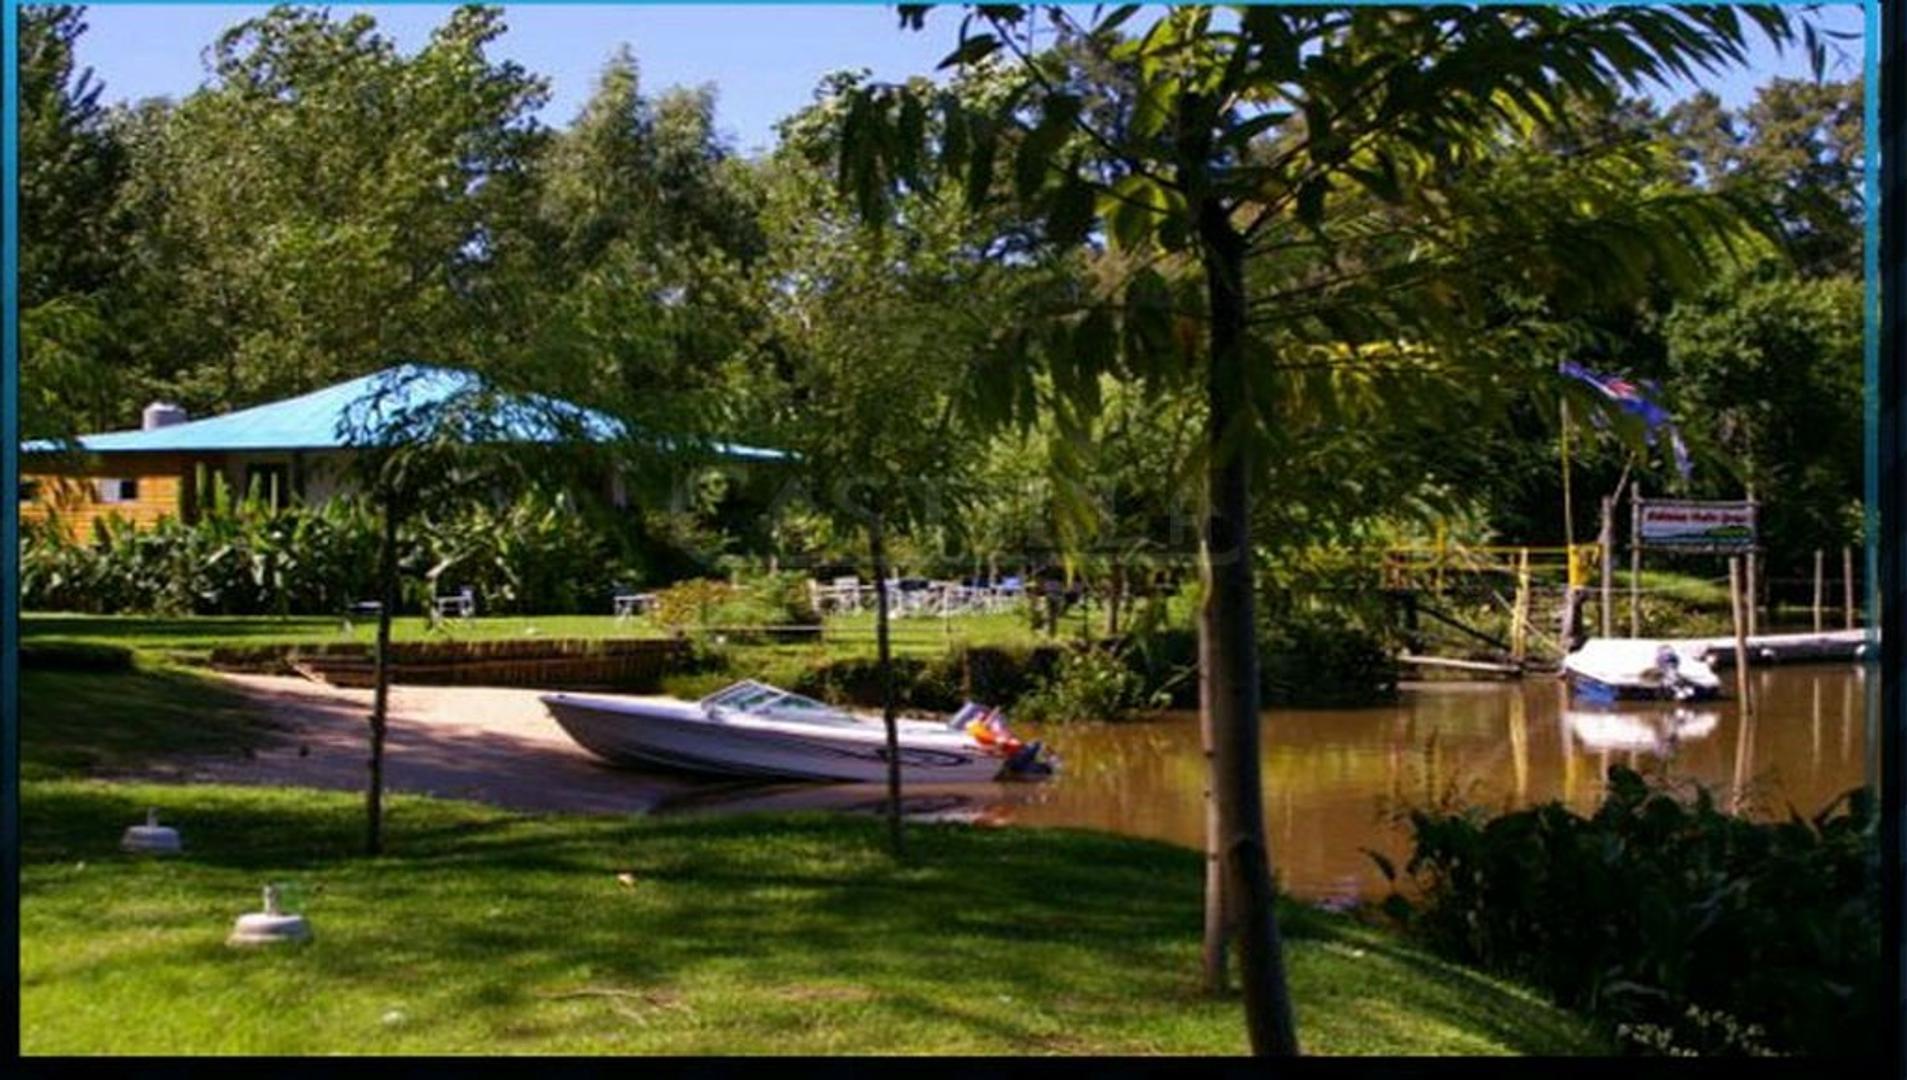 Venta de complejo turístico sobre Río Carabelas a metros del